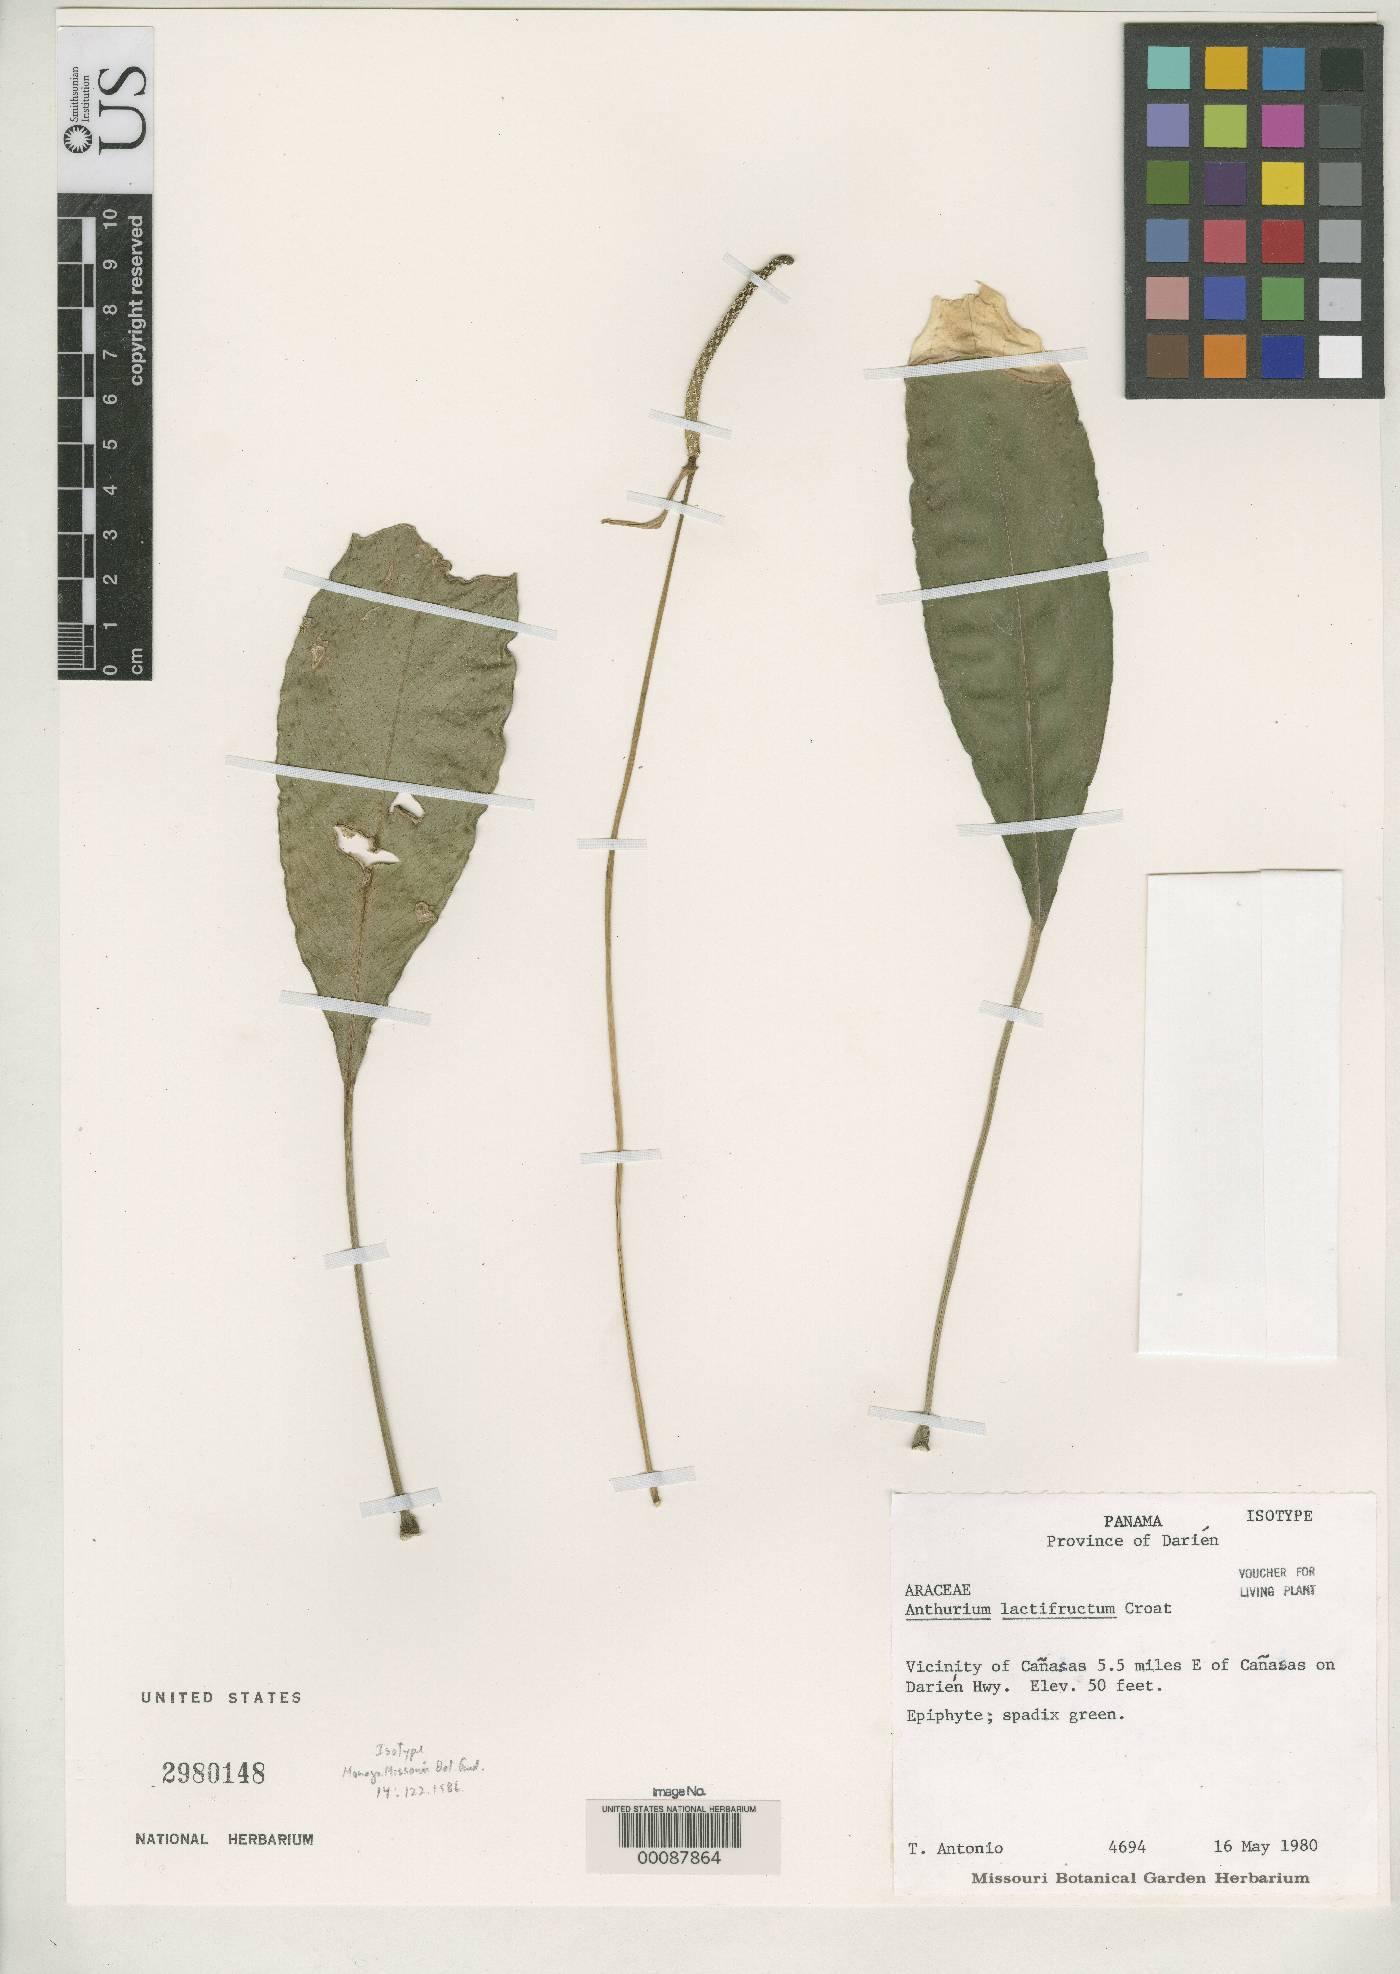 Anthurium lactifructum image